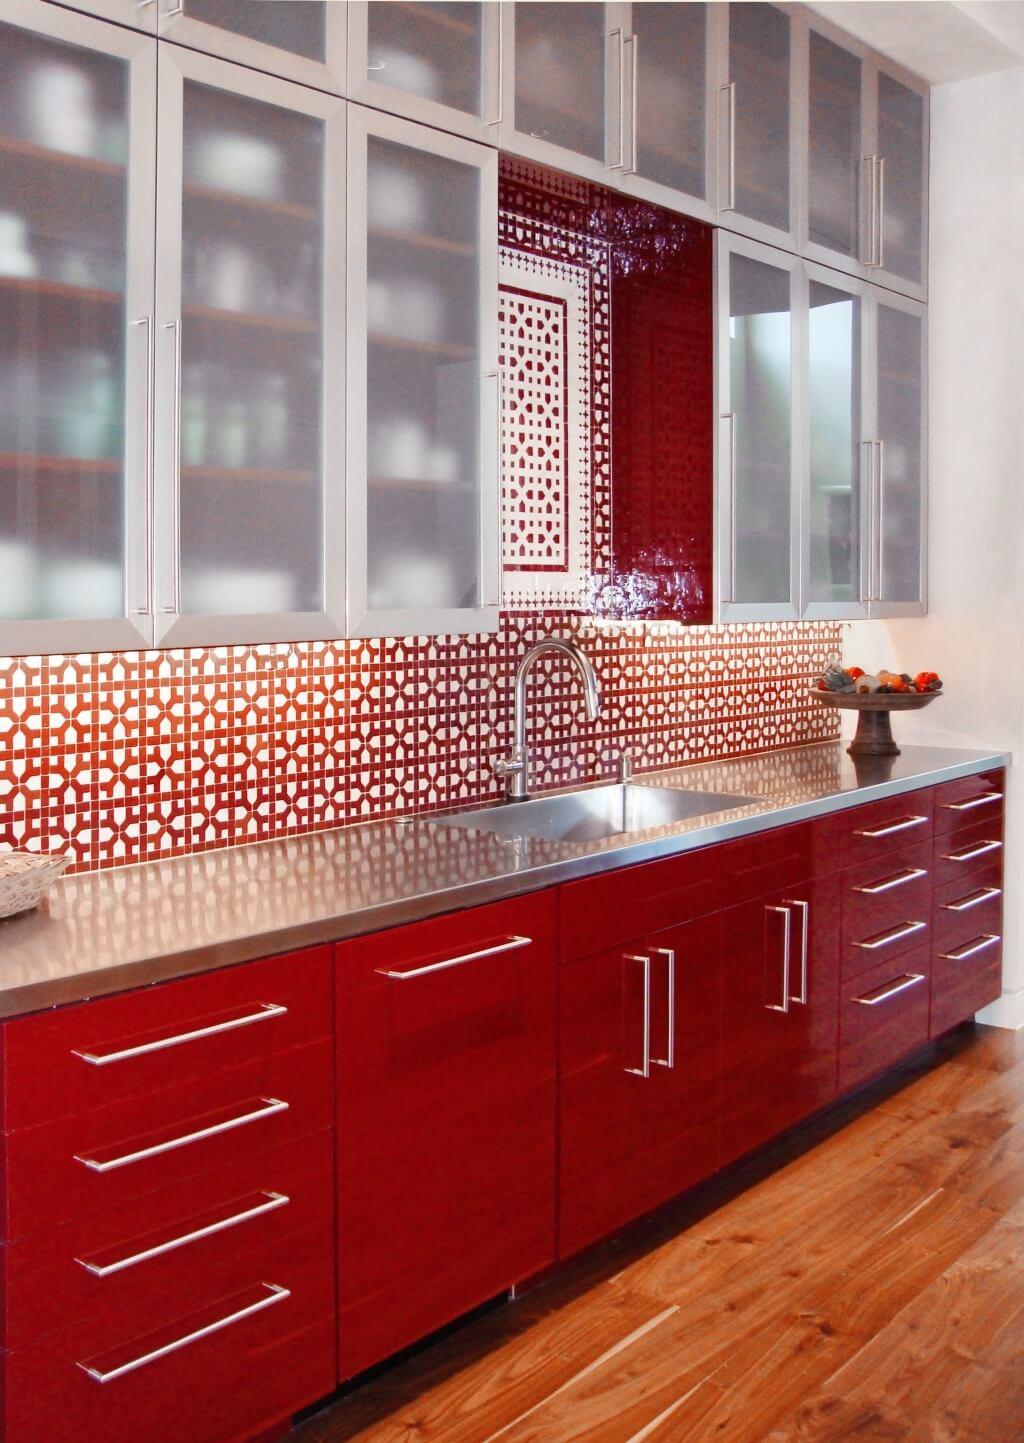 Kortfattad organisering av köksskåp